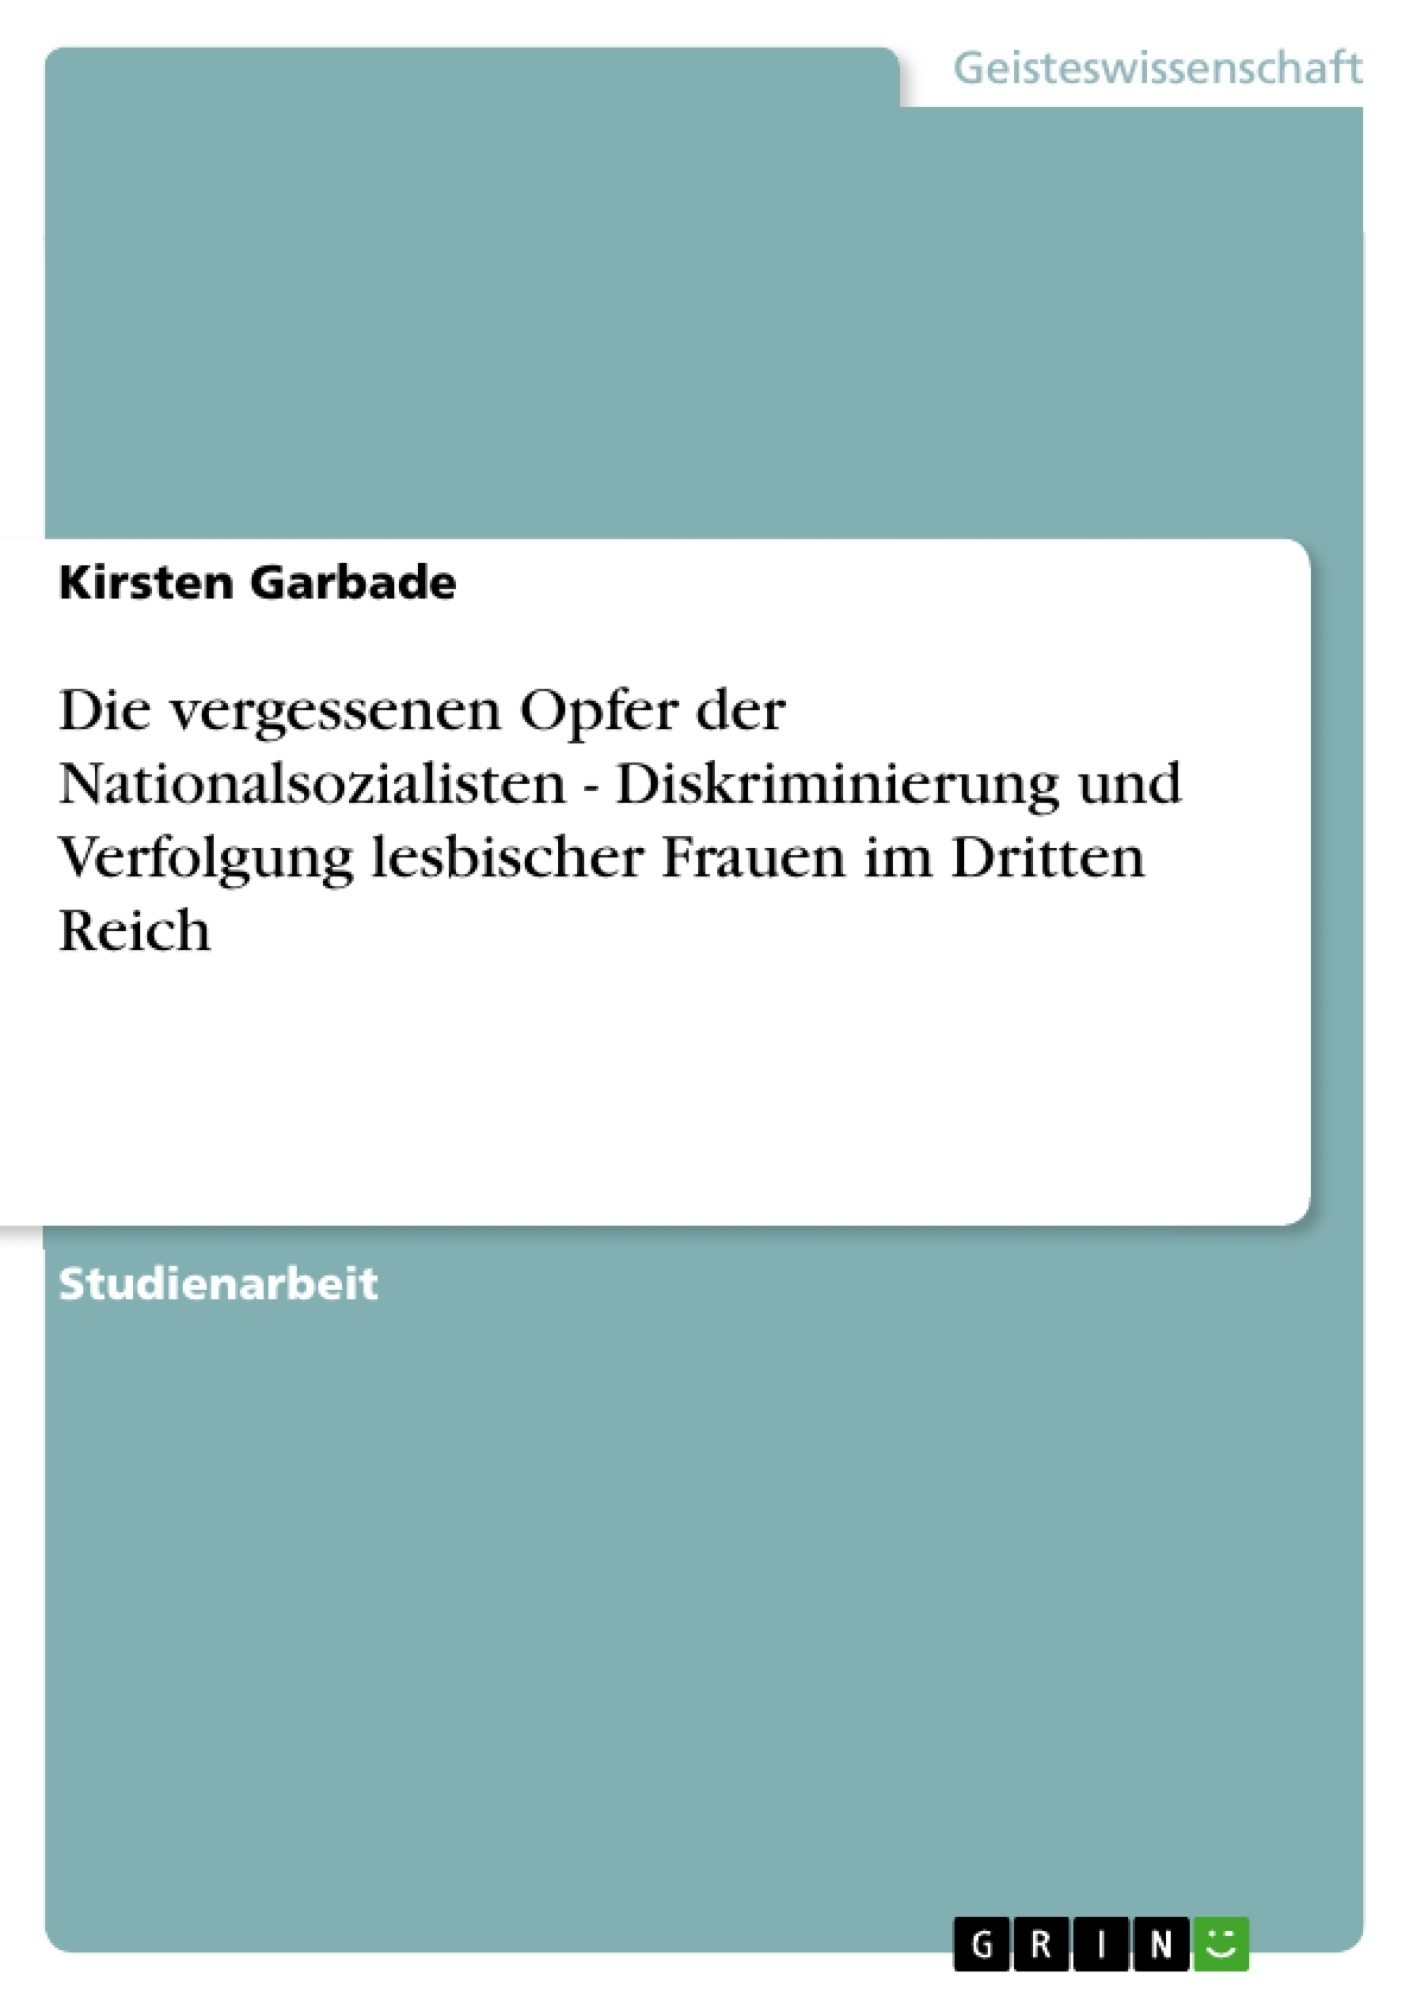 Titel: Die vergessenen Opfer der Nationalsozialisten - Diskriminierung und Verfolgung lesbischer Frauen im Dritten Reich